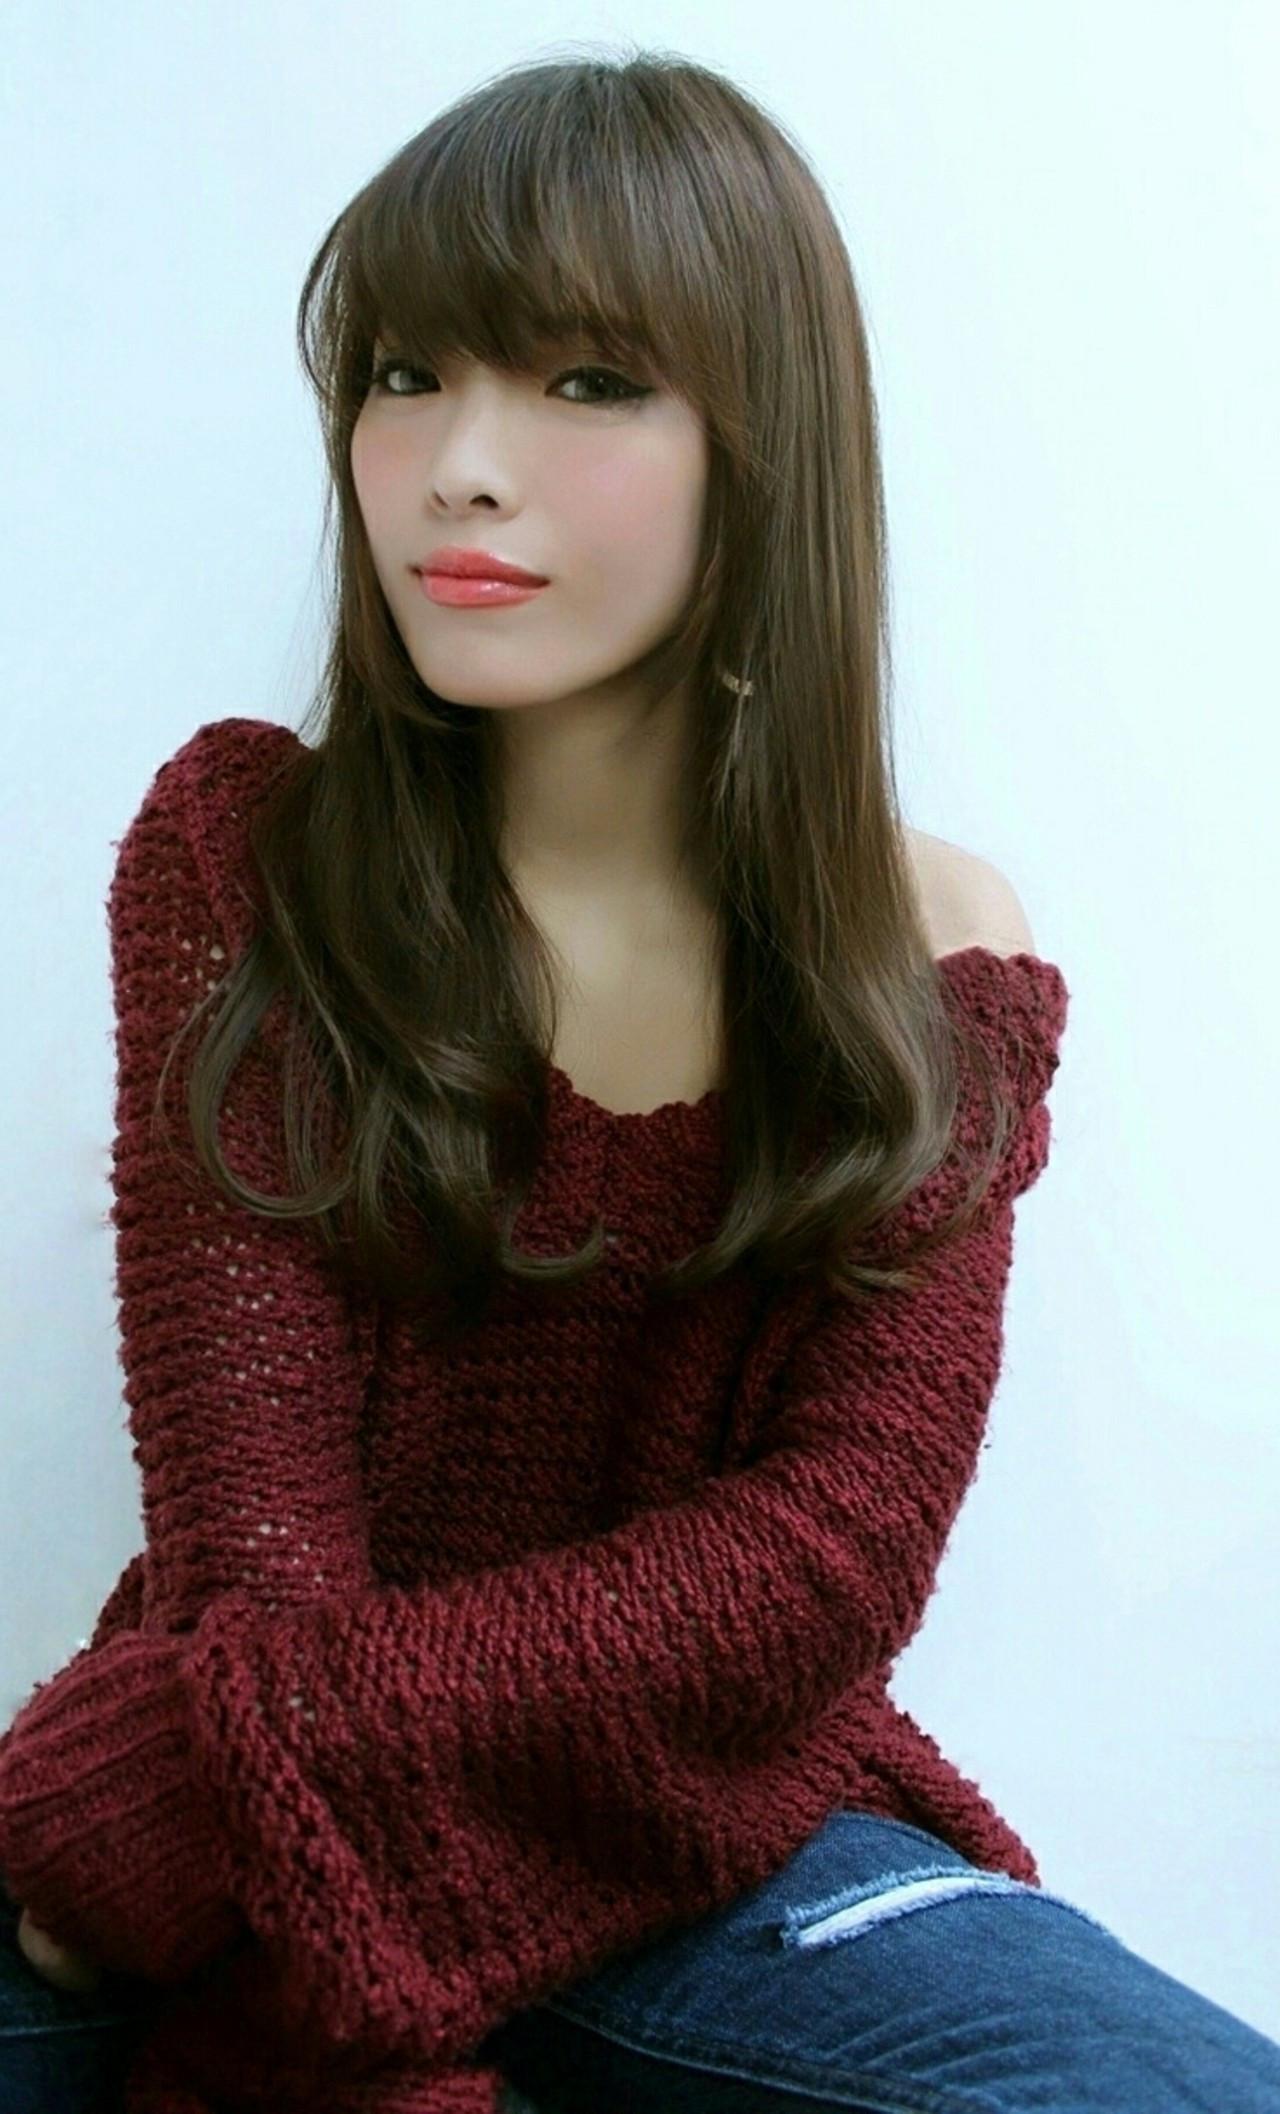 前髪あり ロング 大人女子 ラフ ヘアスタイルや髪型の写真・画像